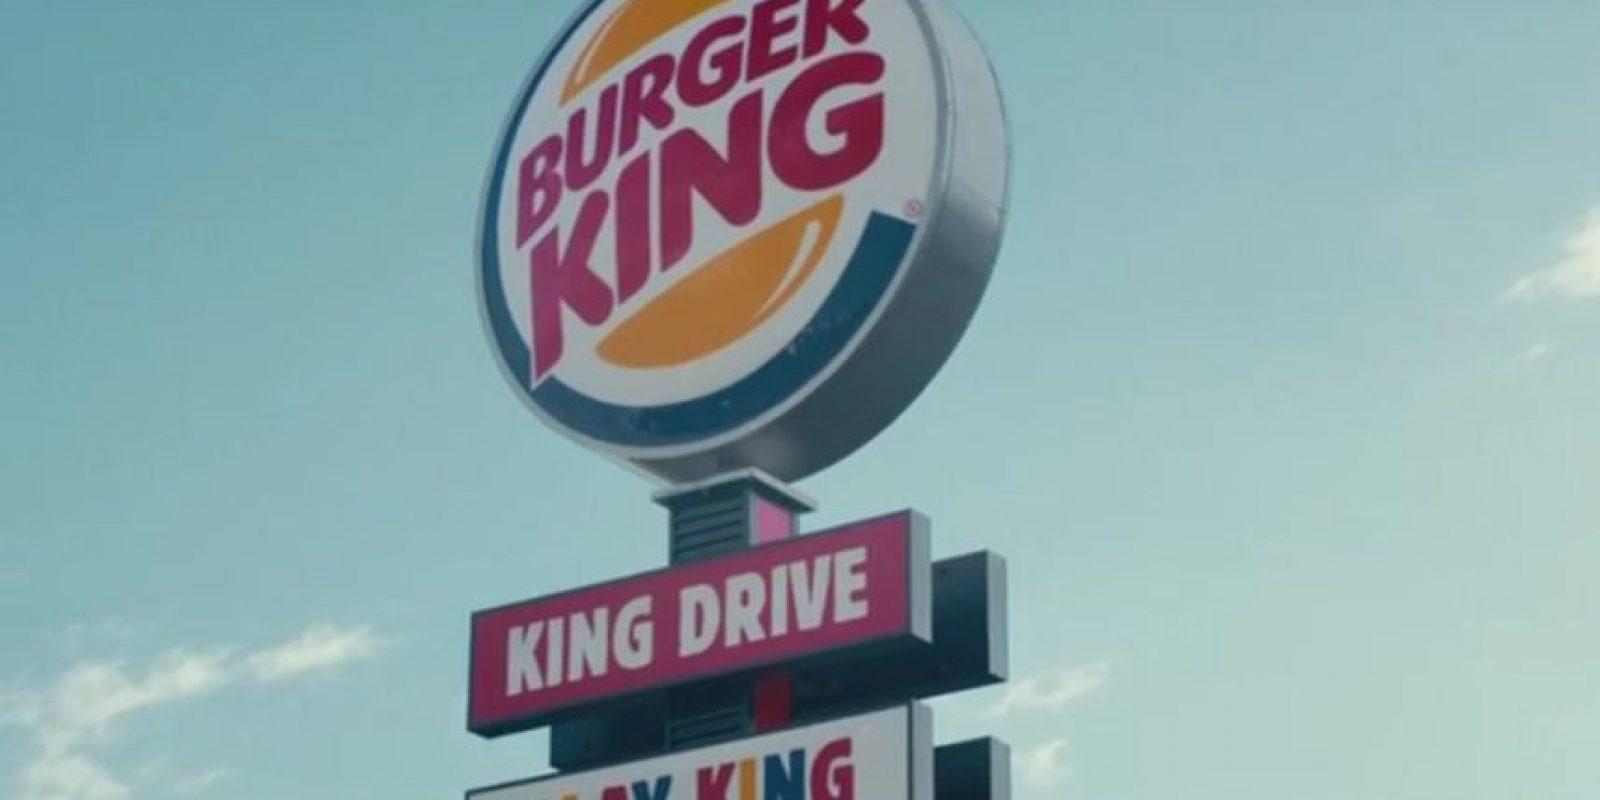 El American Film Institute la catalogó como la décima mejor película de ciencia ficción de todos los tiempos en su listado AFI's 10 Top 10. Foto:Vía Youtube Burger King France